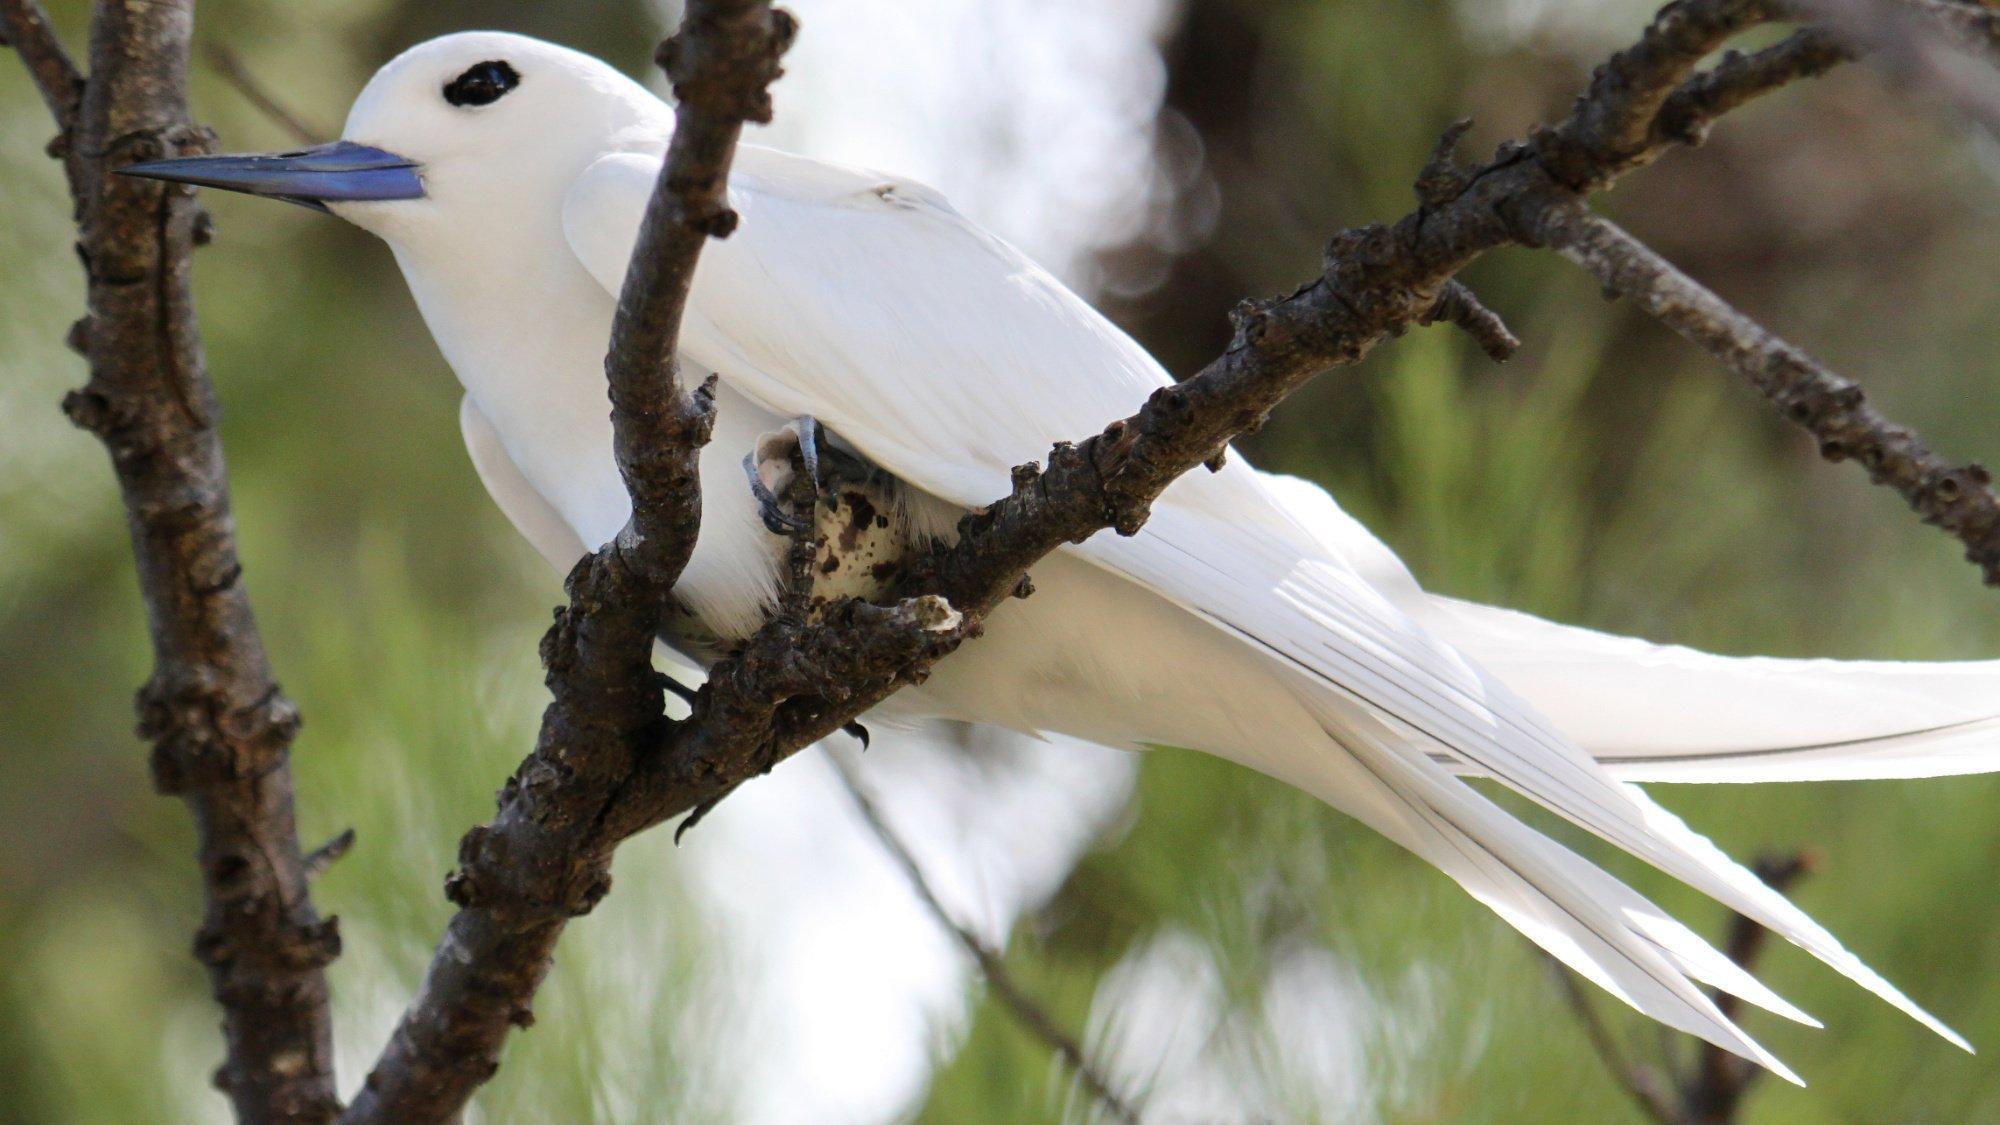 Ein Vogel mit weißem Gefieder und blauschwarzem Schnabel sitzt auf einer Astgabel und bebrütet ein weiß-braun geflecktes Ei.